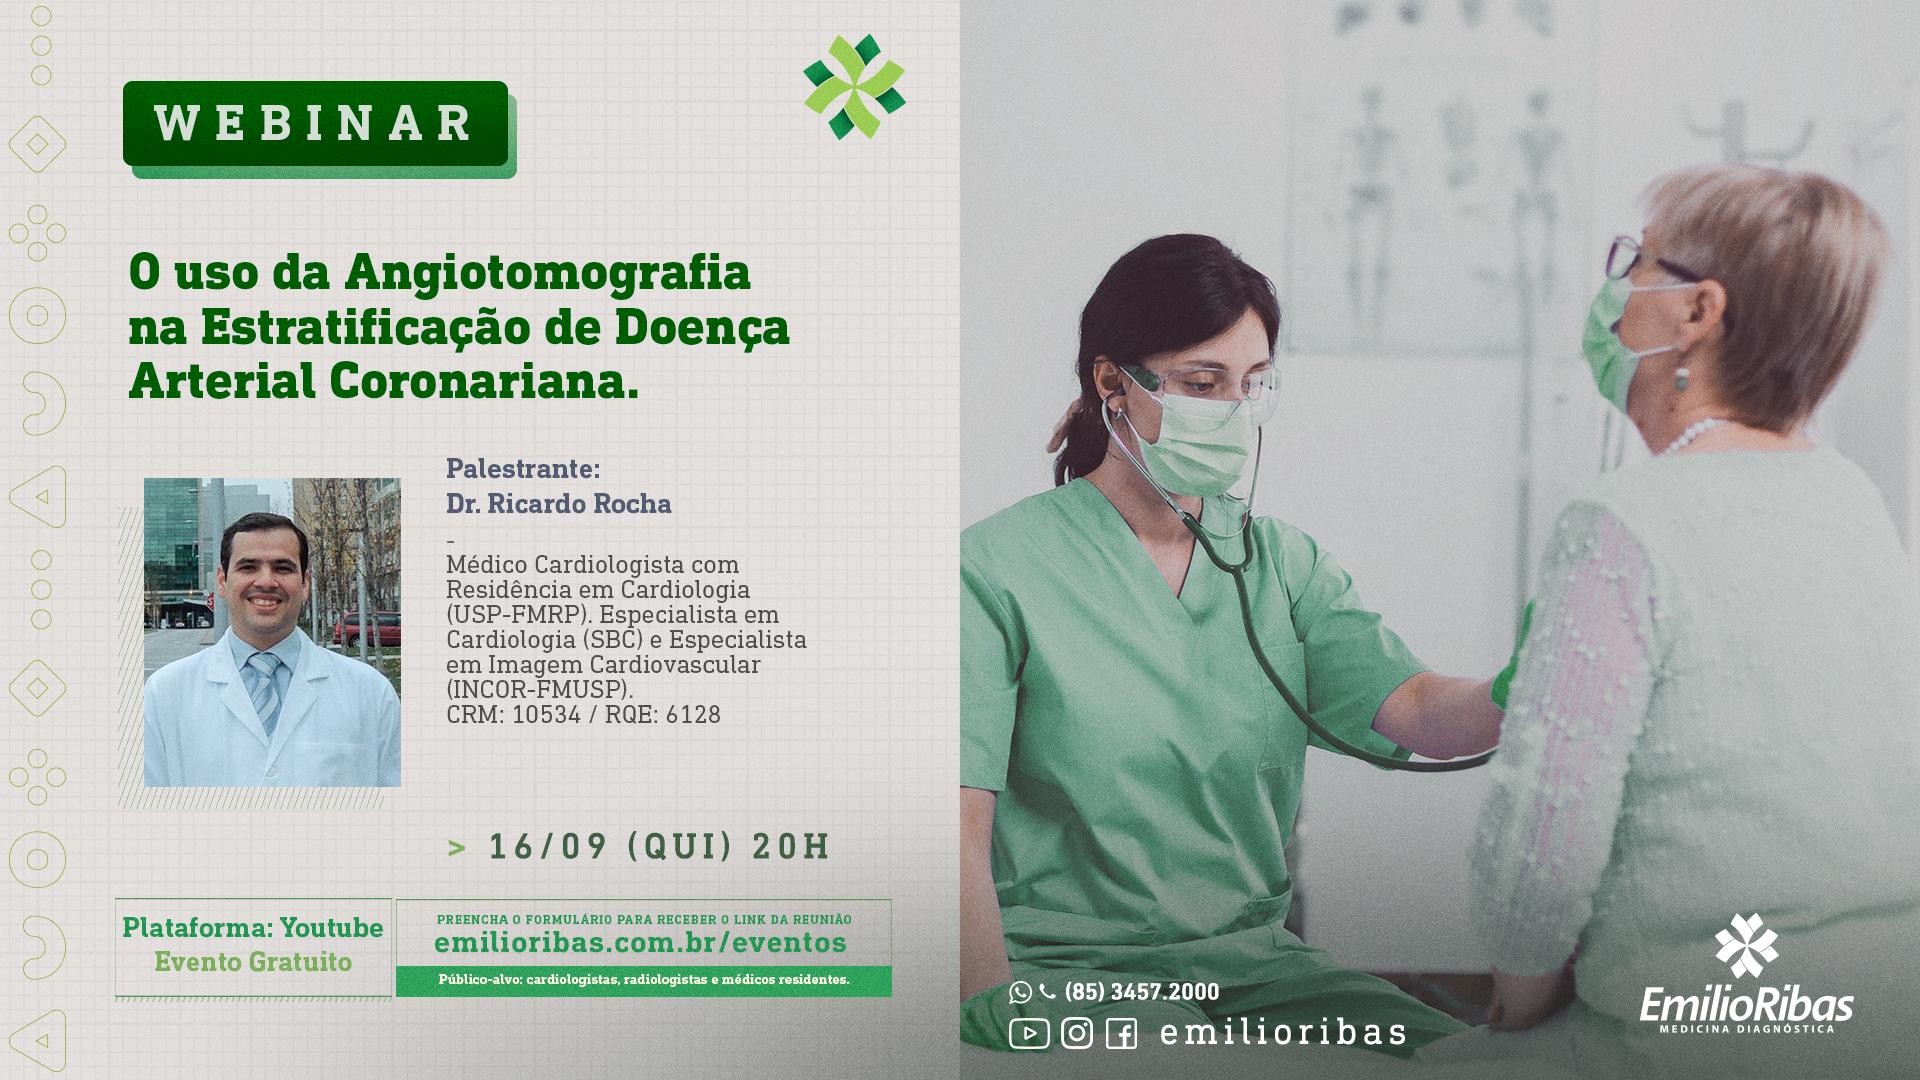 [WEBINAR] O uso da angiotomografia na estratificação de Doença Arterial Coronariana